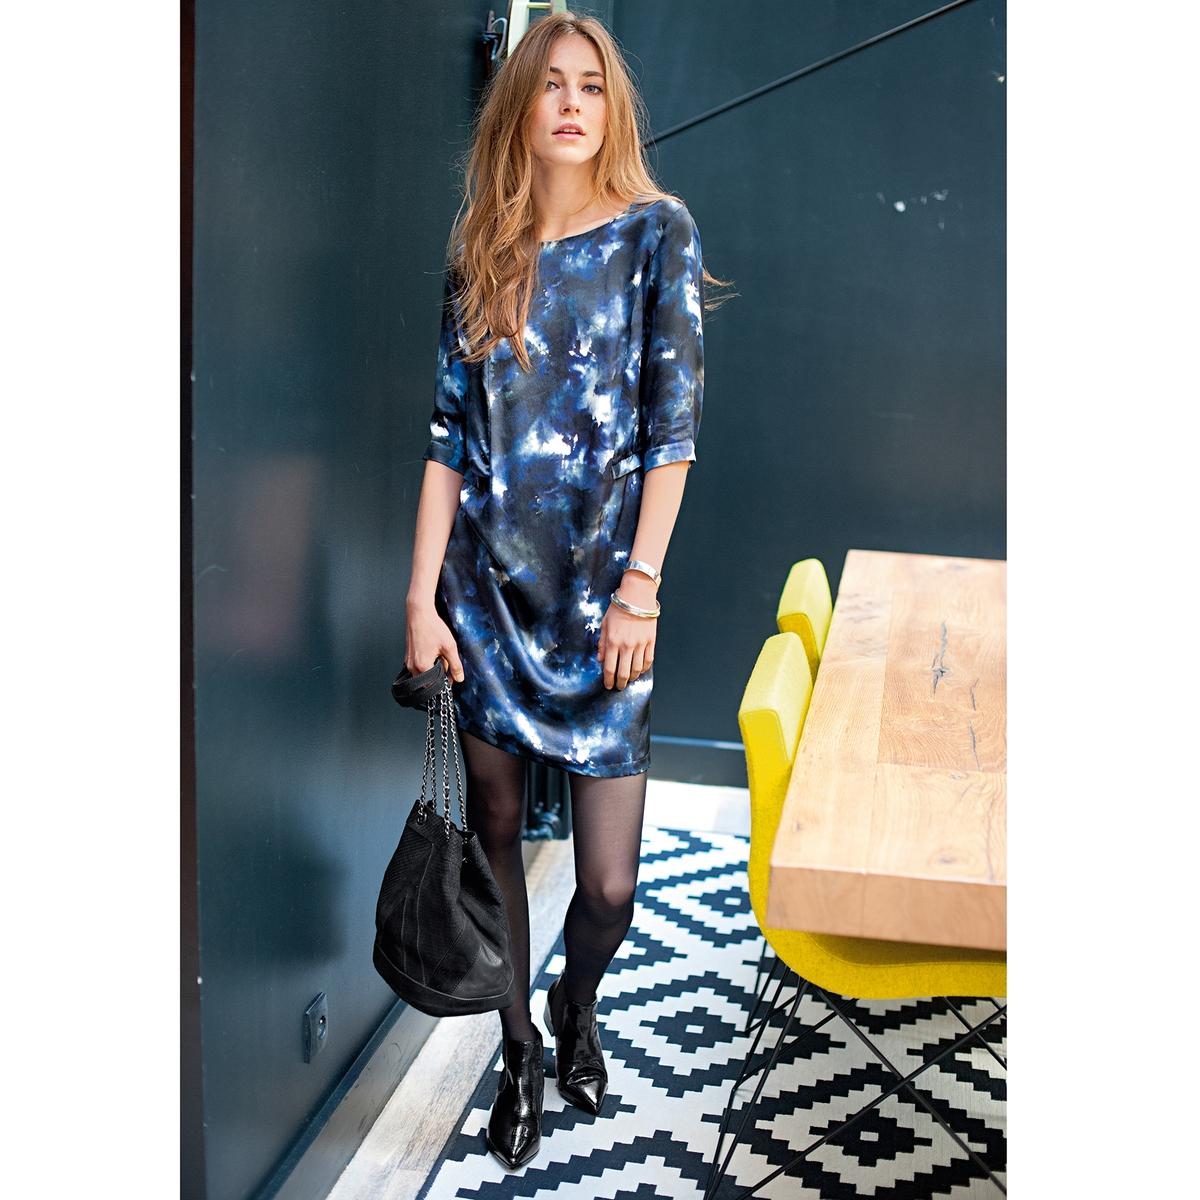 Платье с рисунком, 100% шелкаПлатье с рисунком, 100% шелка. Отрезное по талии. Перекрещивающиеся детали сзади. Красивая застежка. Низ рукавов 3/4 с кнопками. Длина 90 см.<br><br>Цвет: набивной рисунок<br>Размер: 36 (FR) - 42 (RUS)